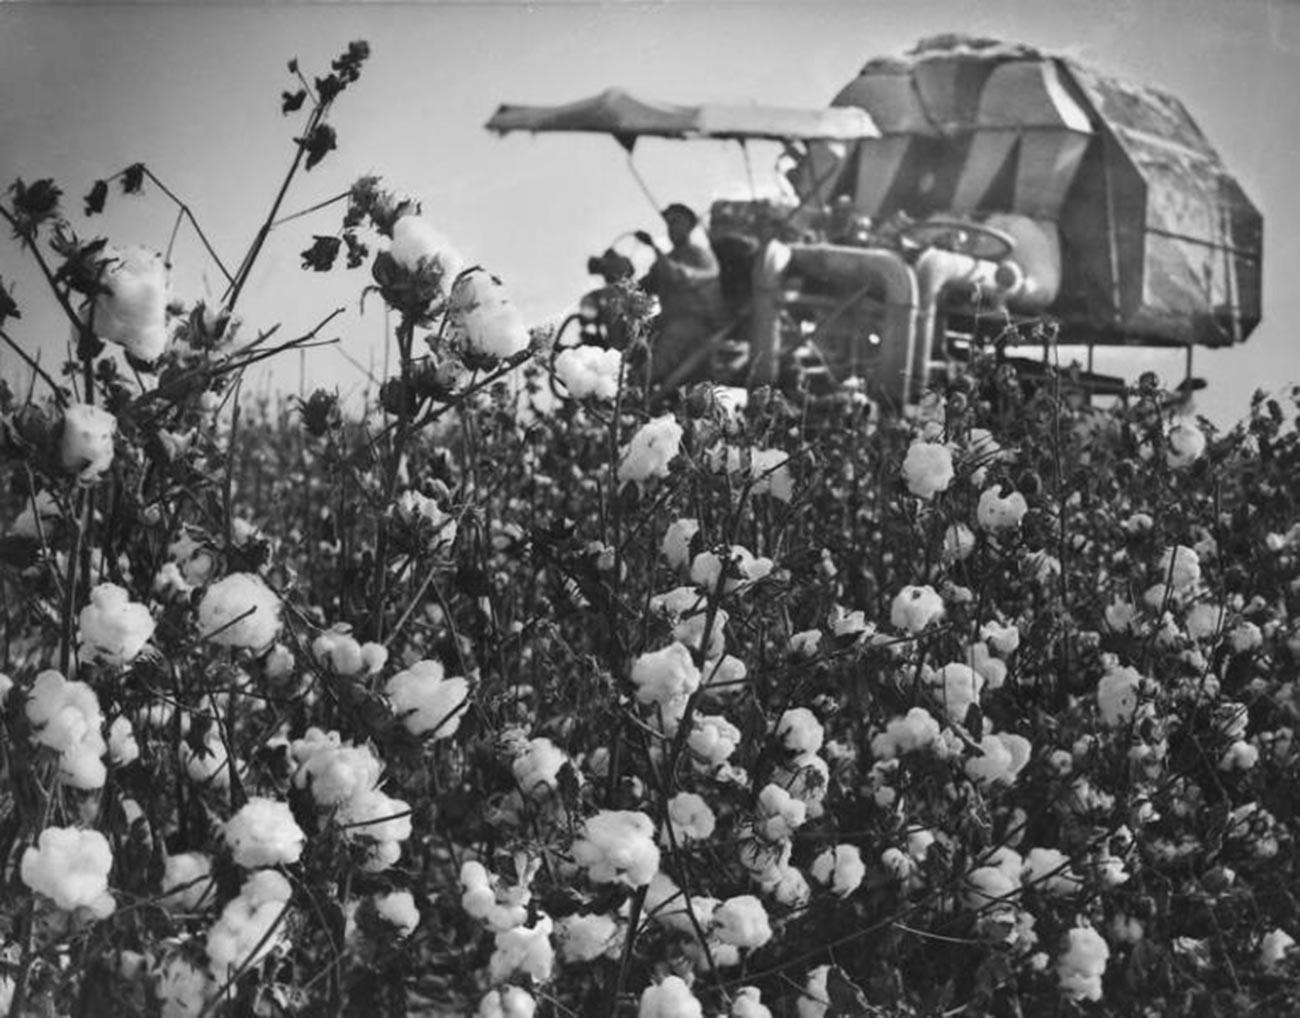 Usbekistan. Baumwollernte, 1970er Jahre